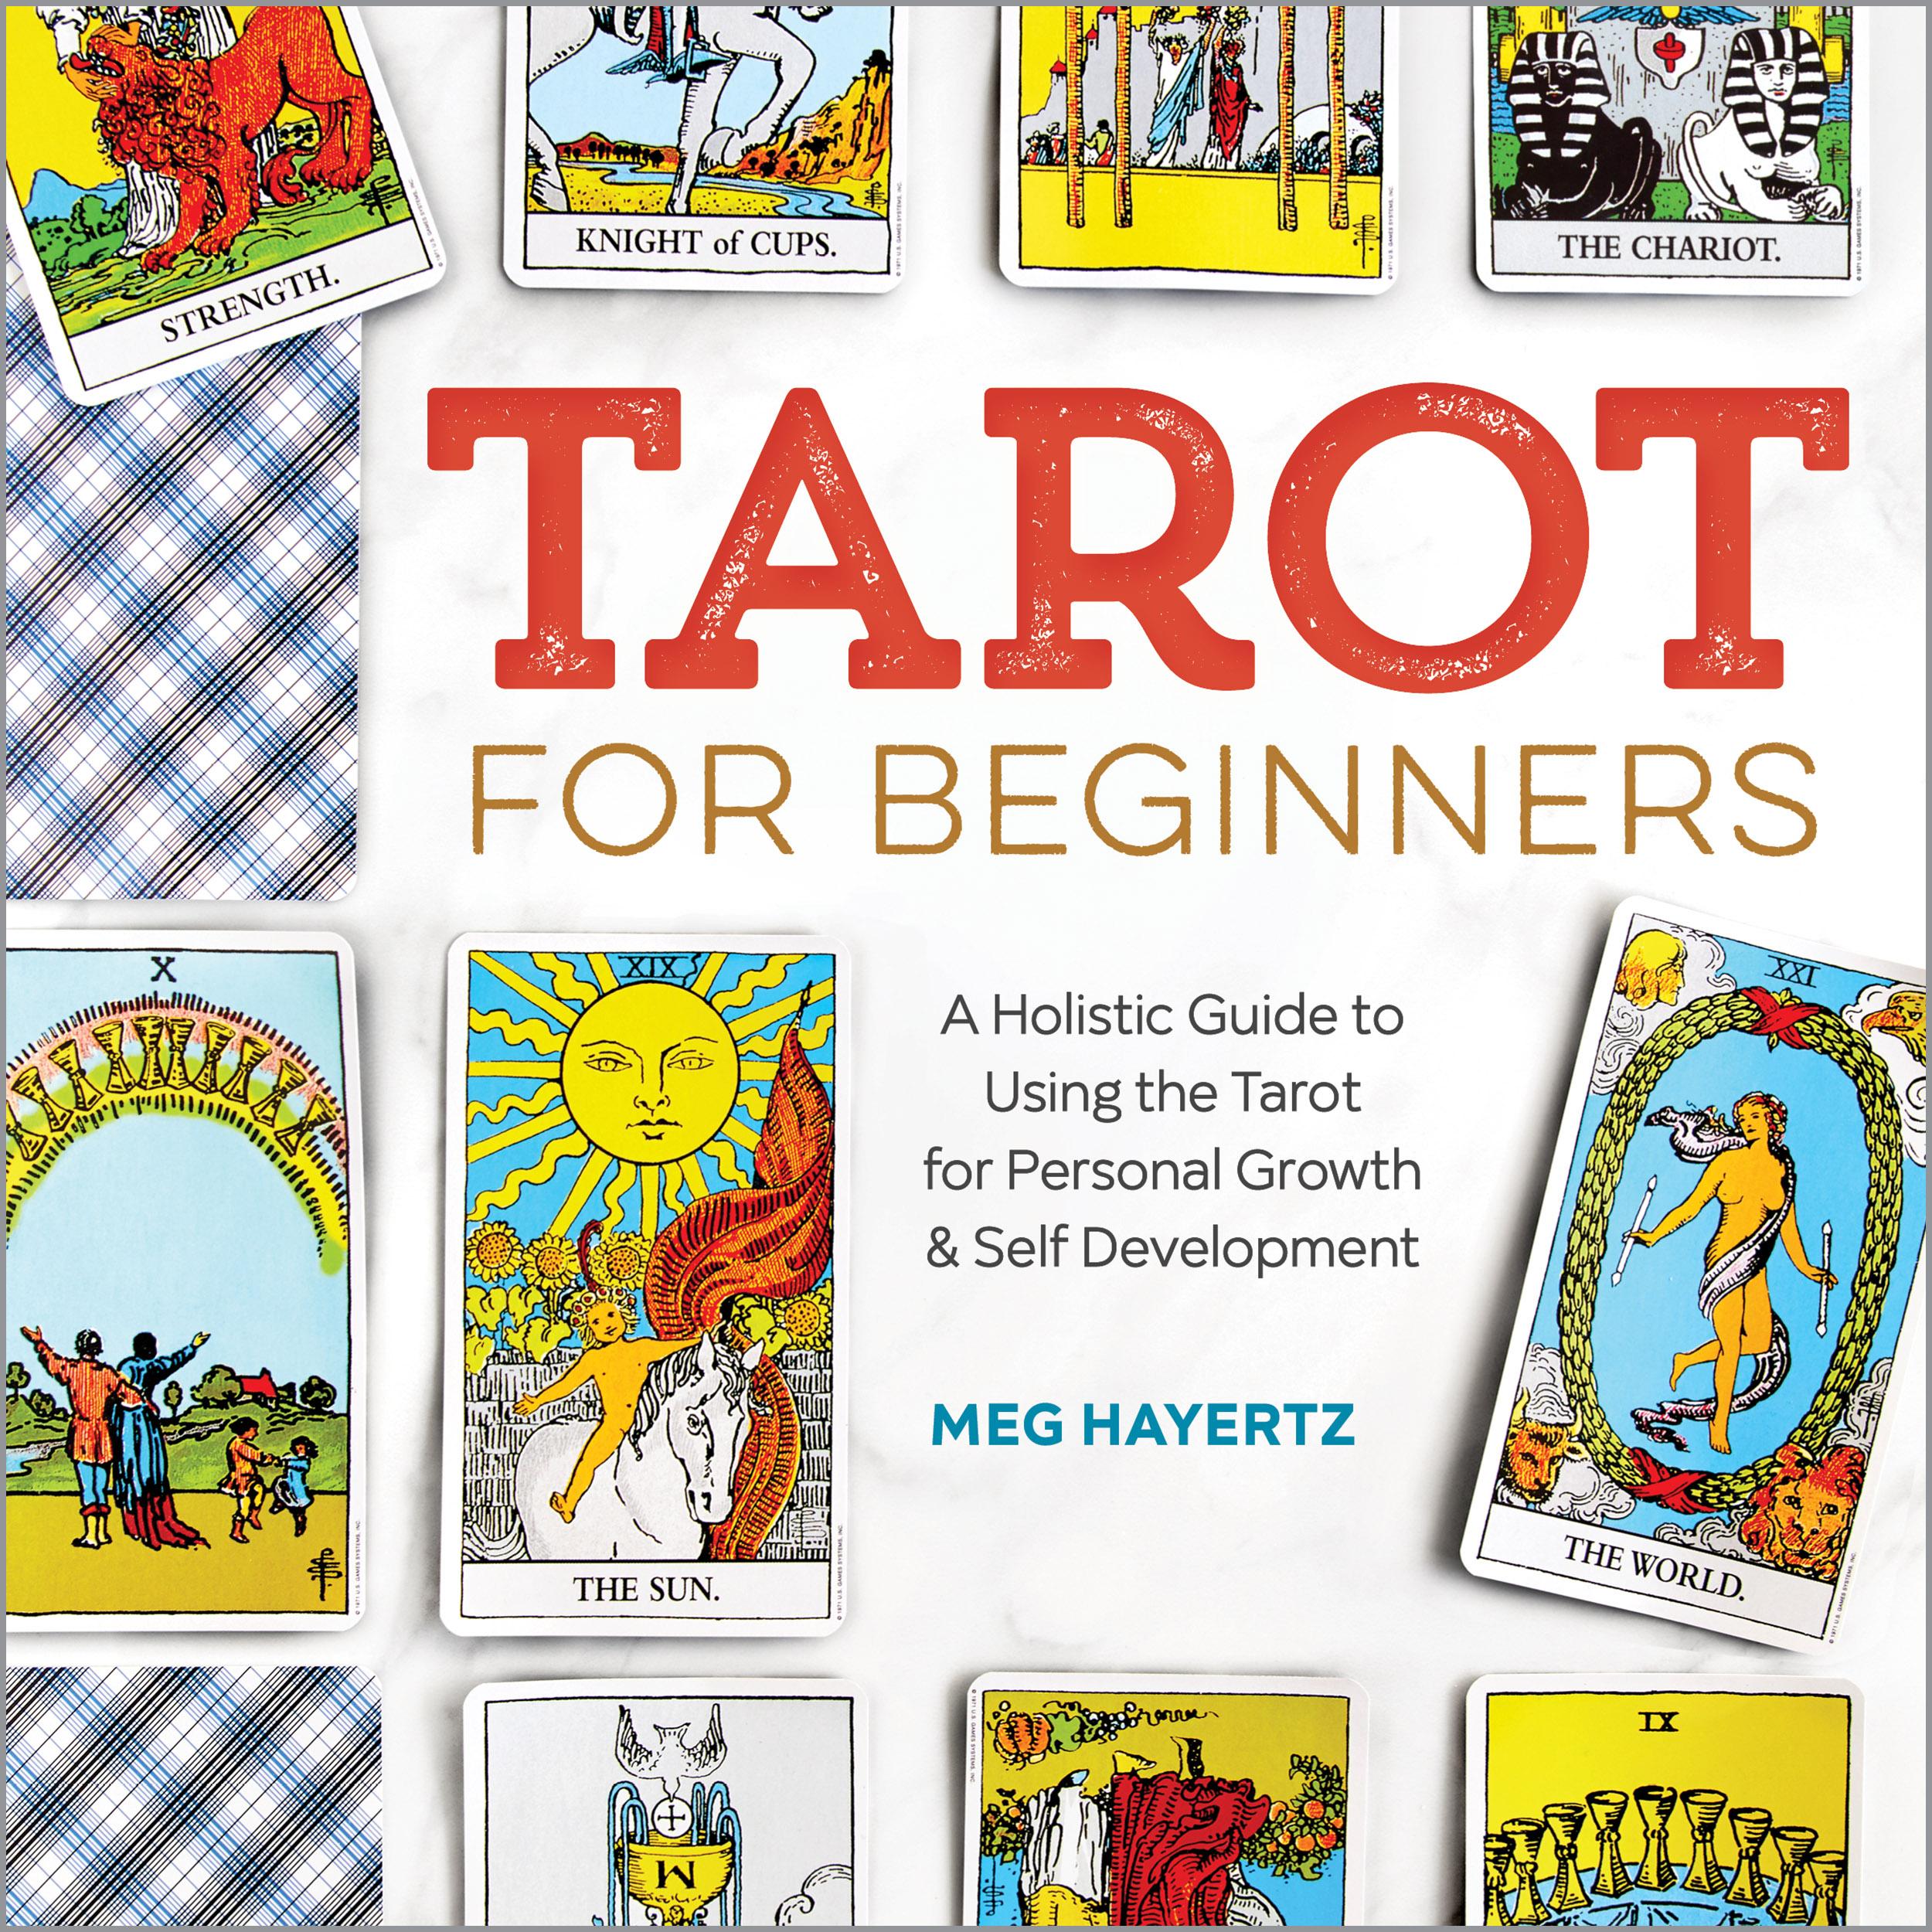 TarotForBeginners_9781623159658_AppleAmazon.jpg